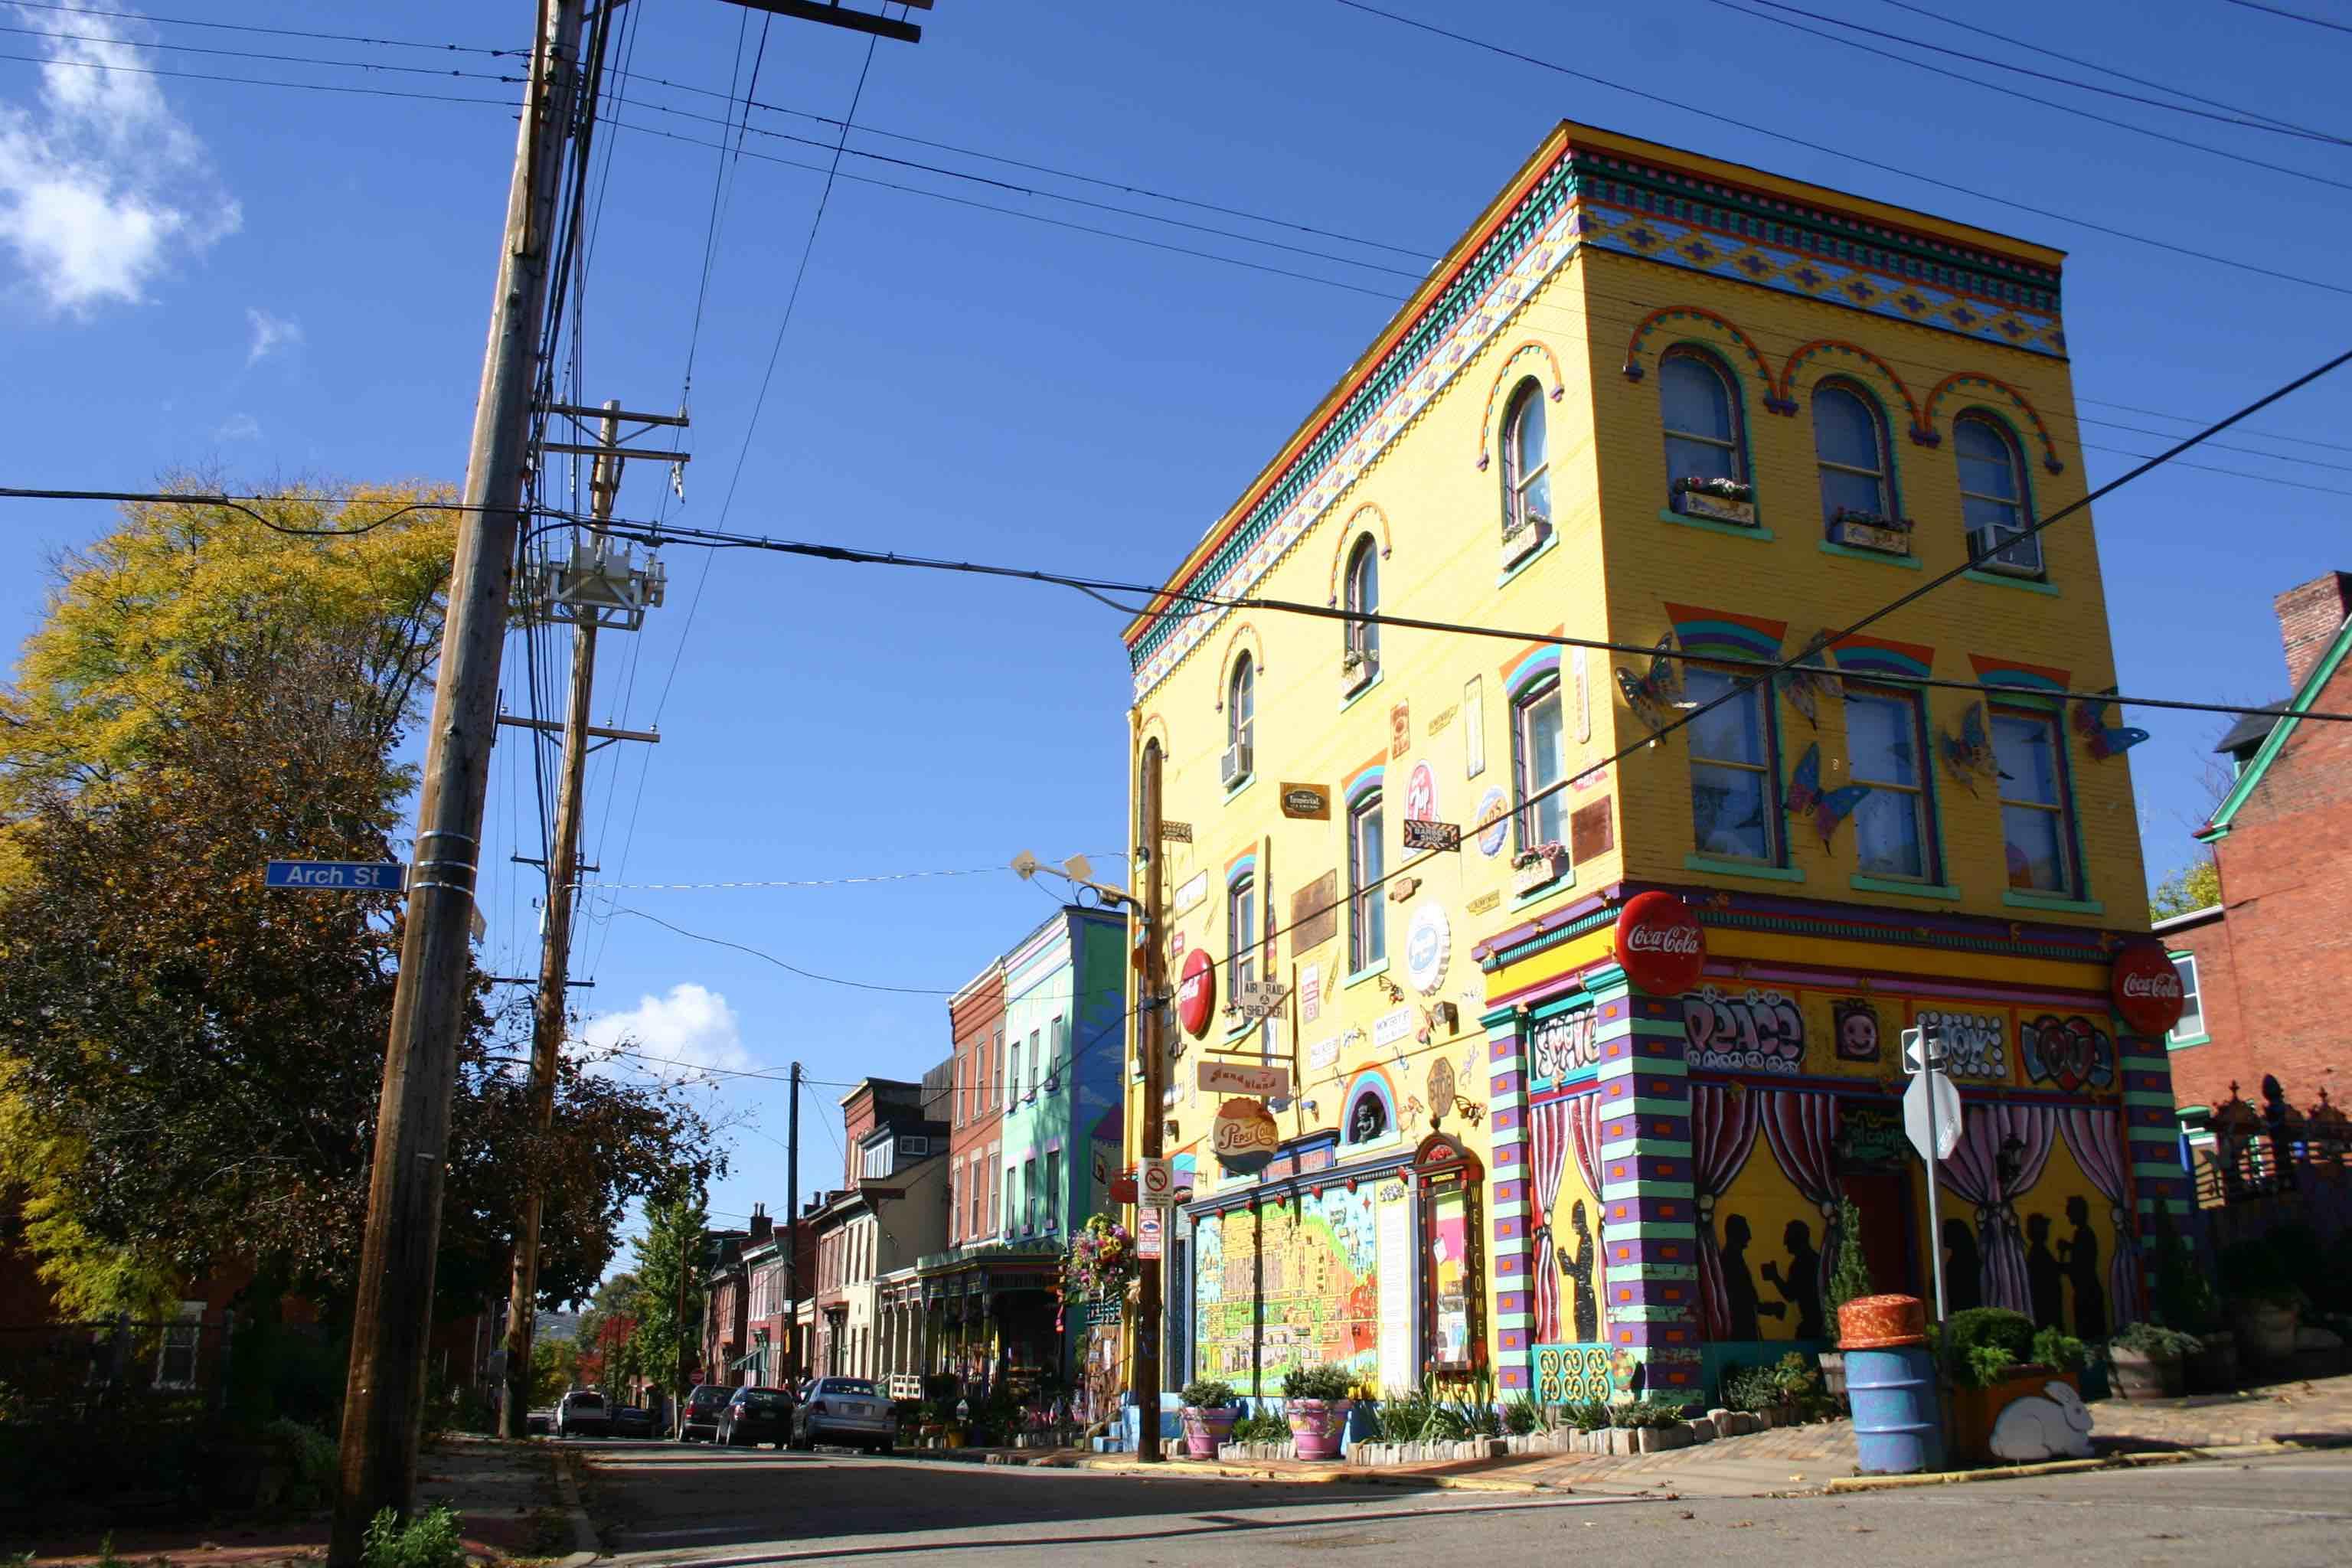 Arche Street, Künstlerinnen-Neighbourhood (Stadtviertel) in Pittsburgh